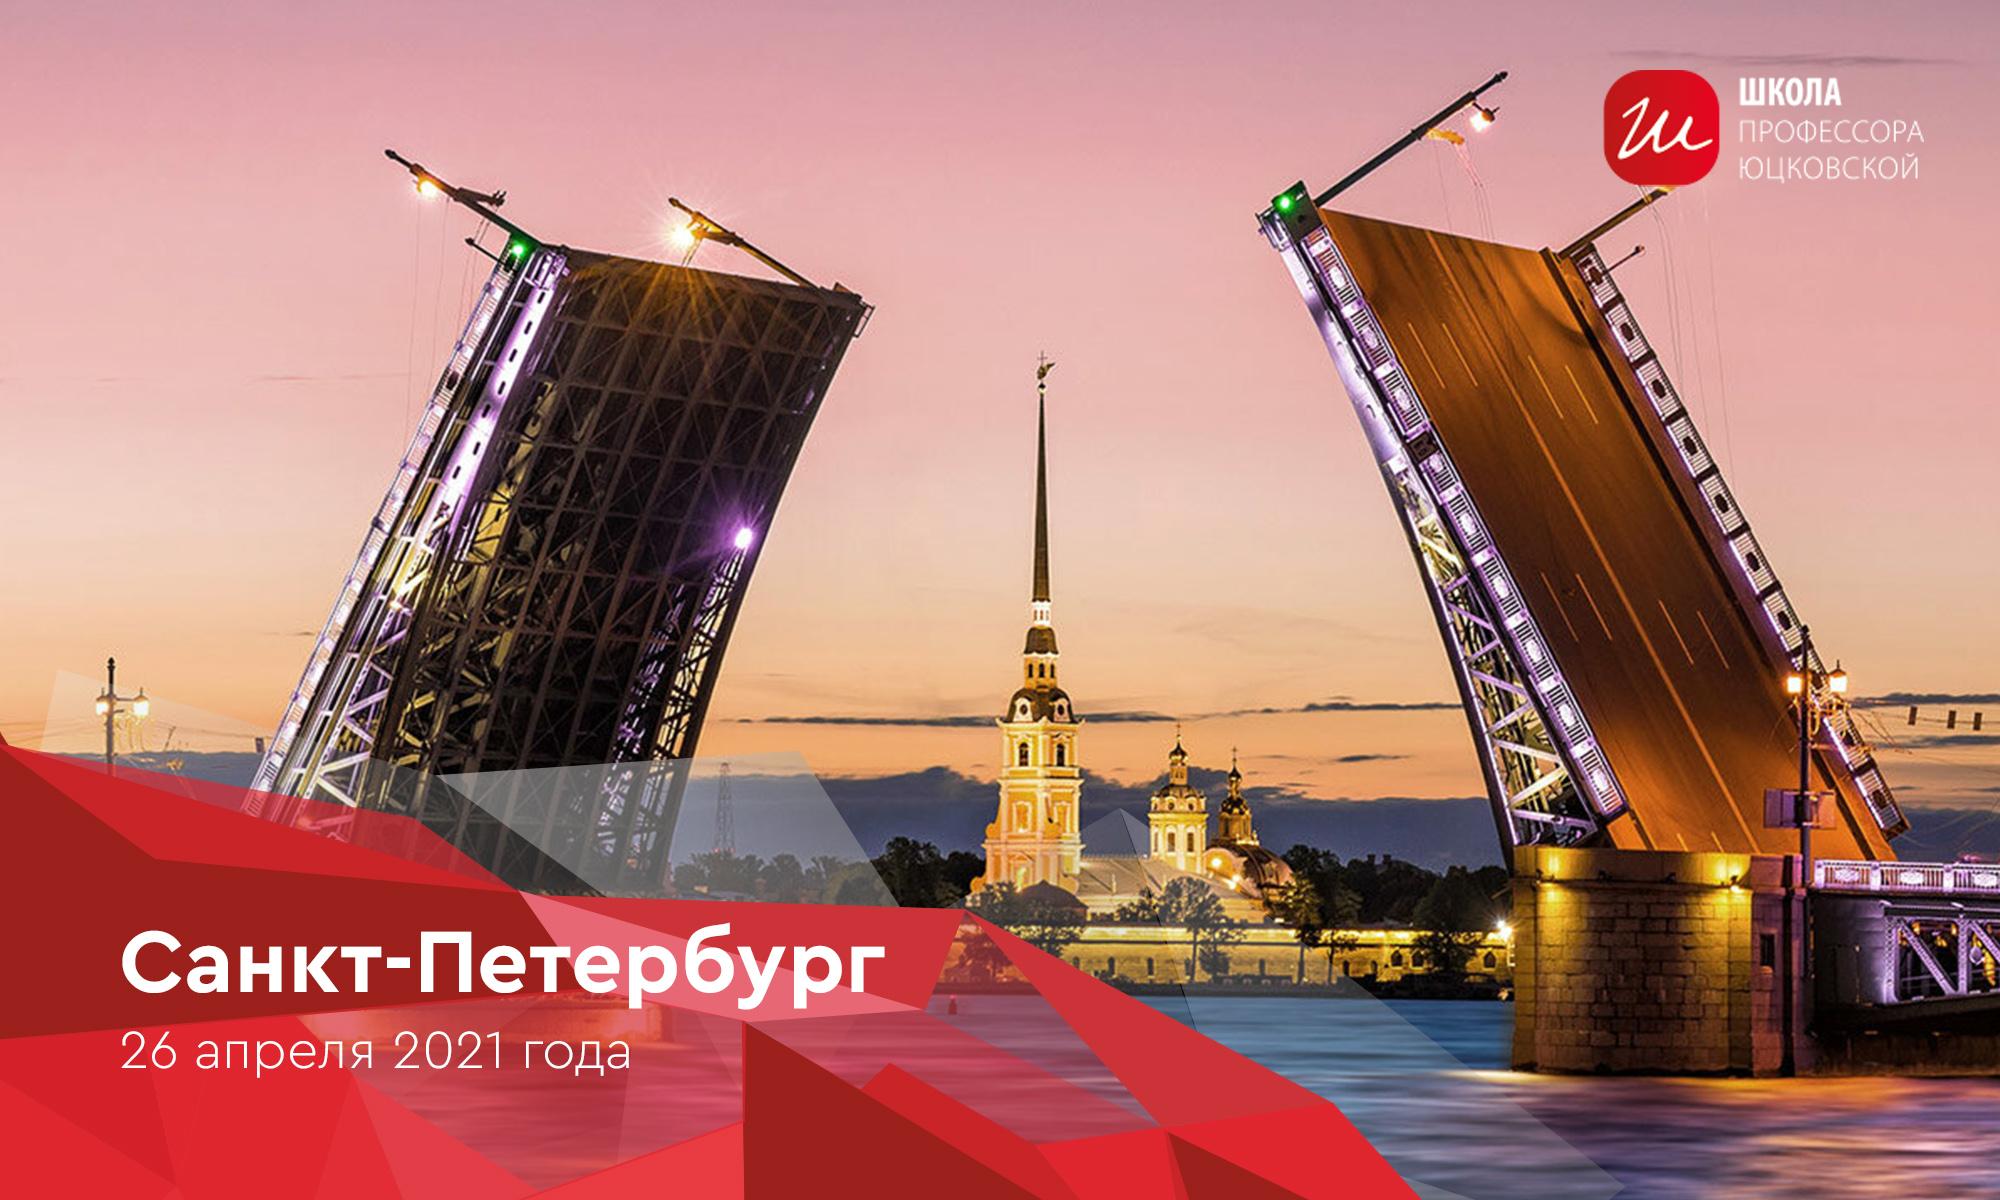 Конференция «Дни Школы профессора Юцковской» в Санкт-Петербурге